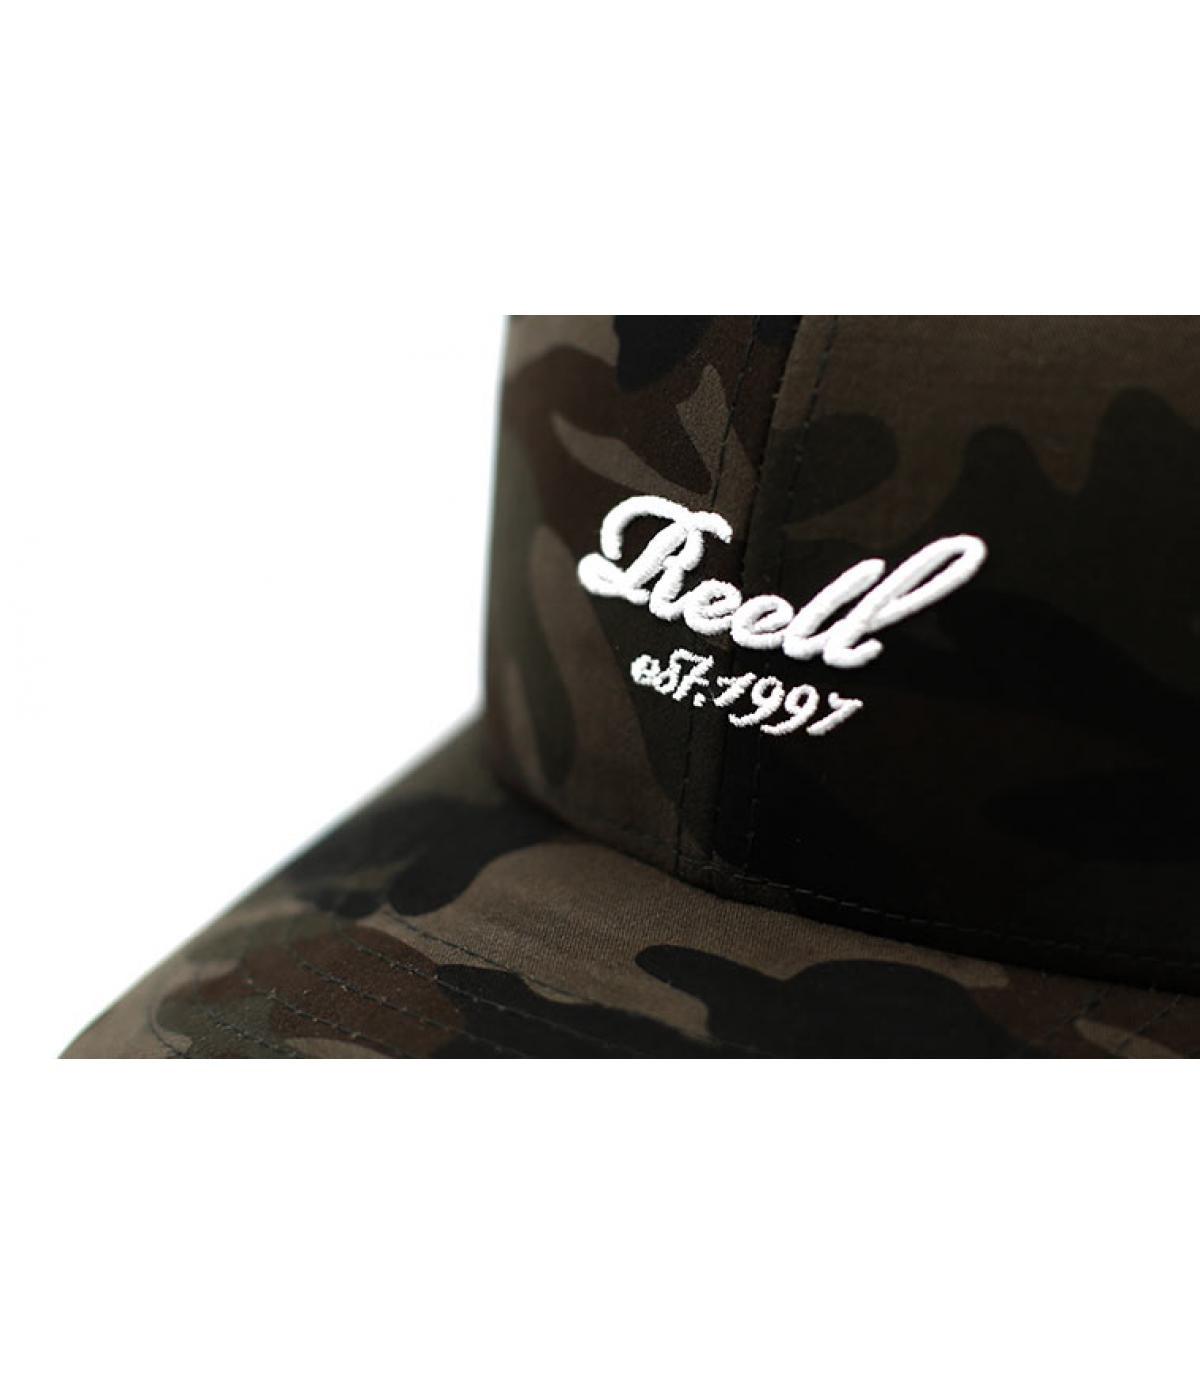 Dettagli Trucker script camouflage - image 3